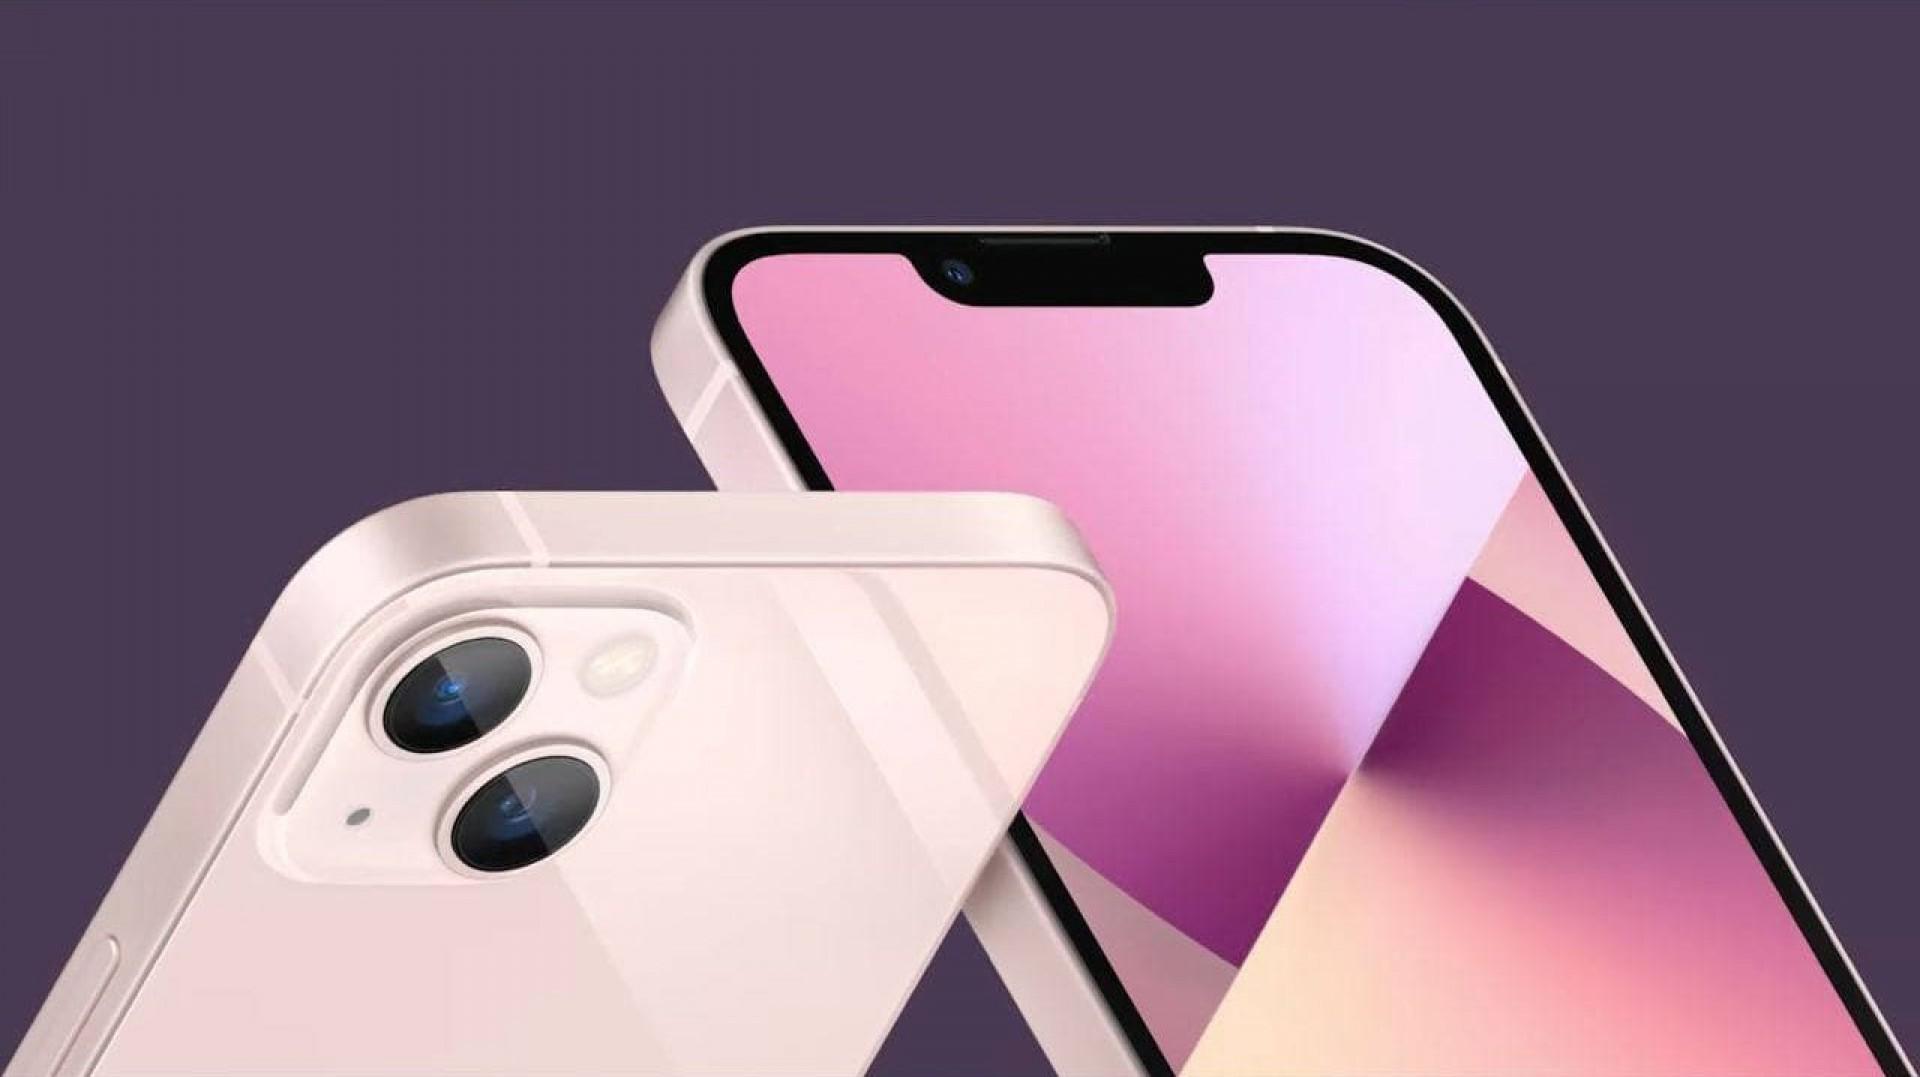 De acordo com a Apple, os novos modelos possuem baterias mais duradouras do que a última versão lançada no ano passado, o iPhone 12 (Foto: Reprodução/Apple)